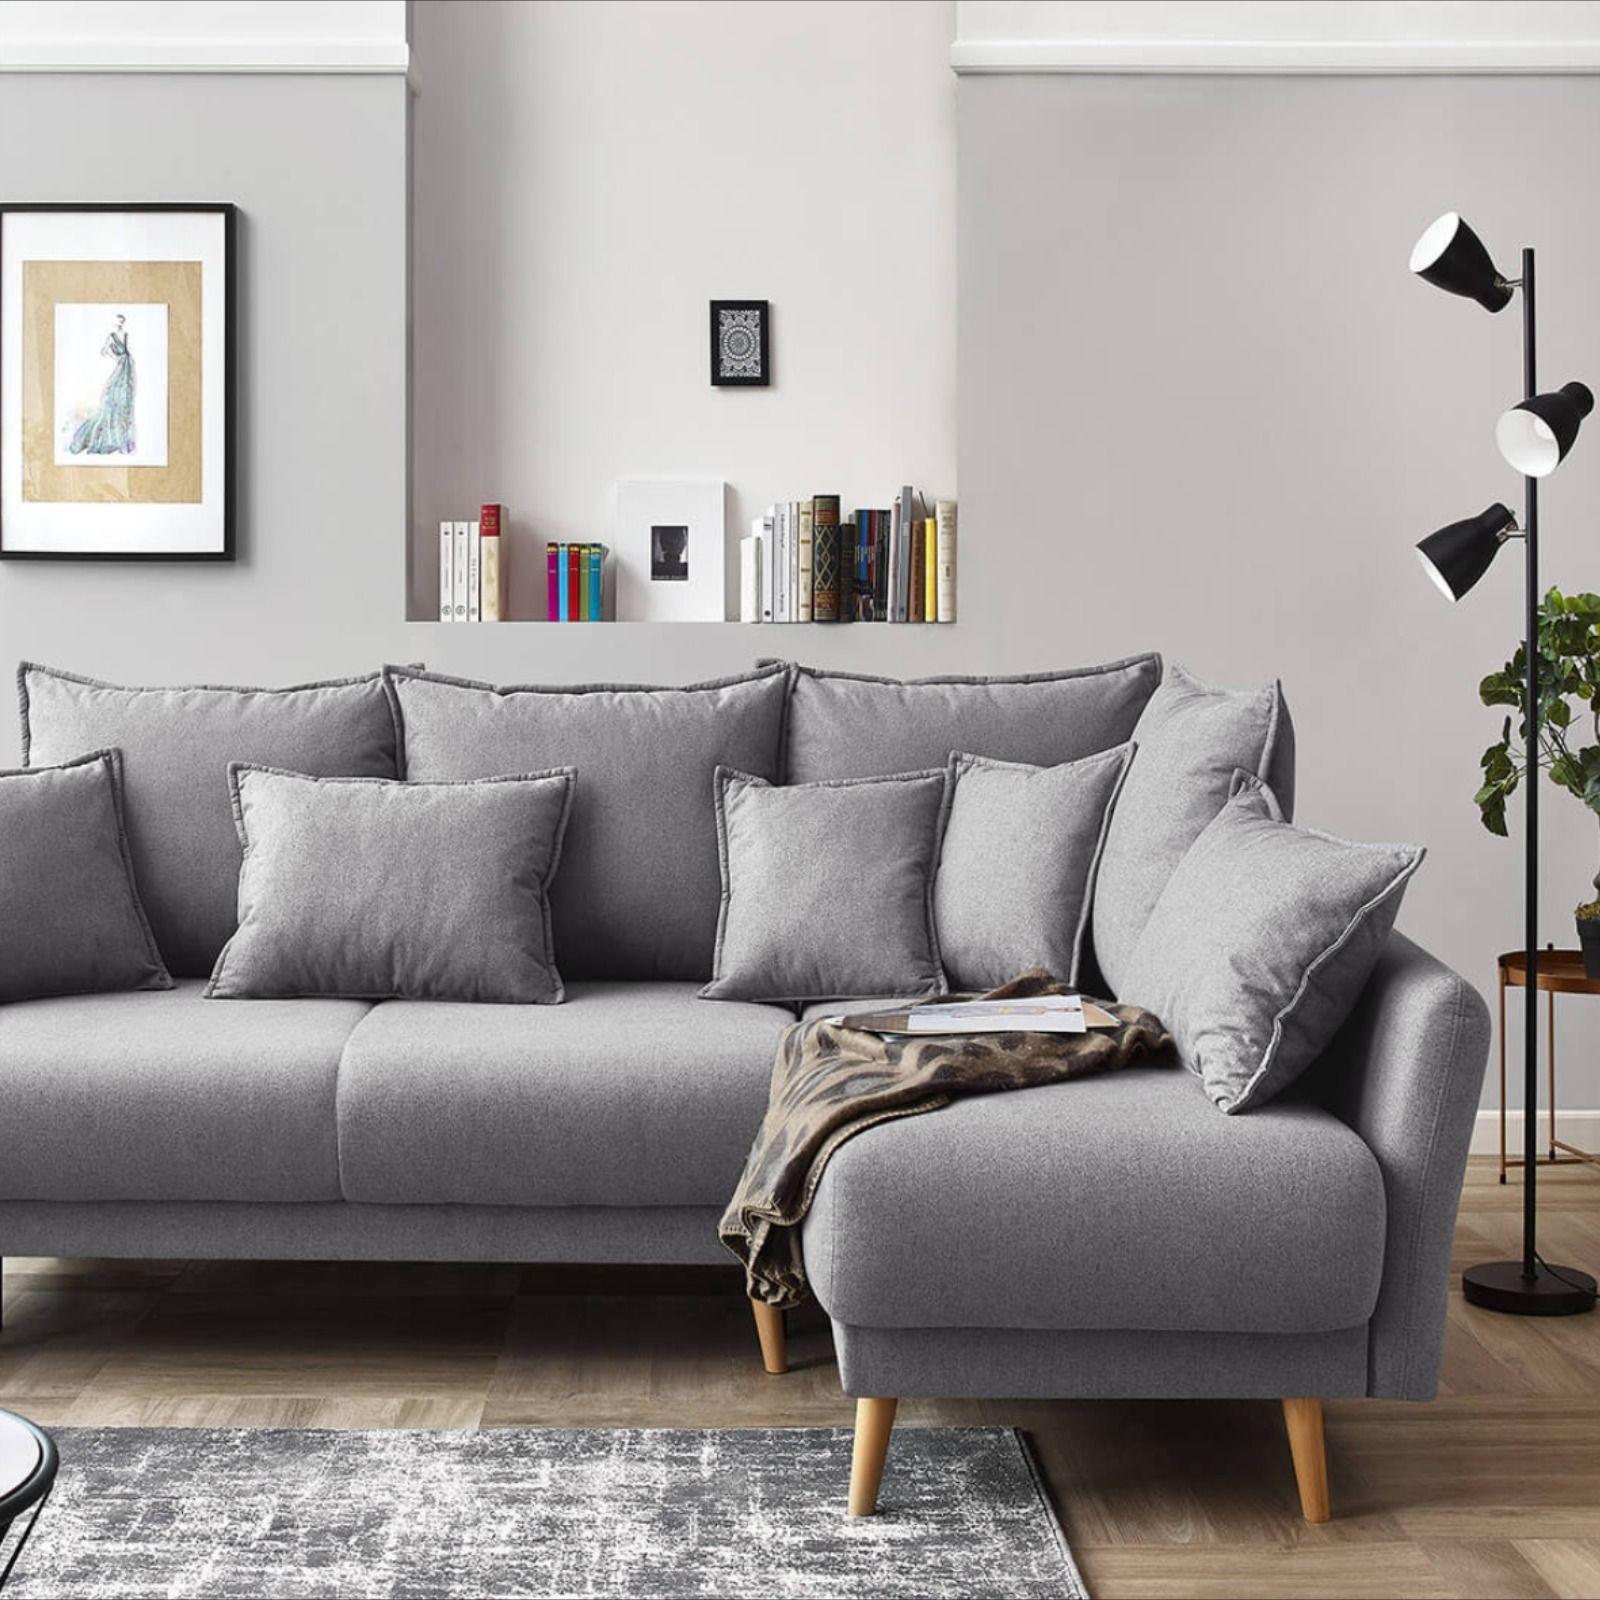 Canape D Angle Convertible Mia Bobochic In 2020 Home Decor